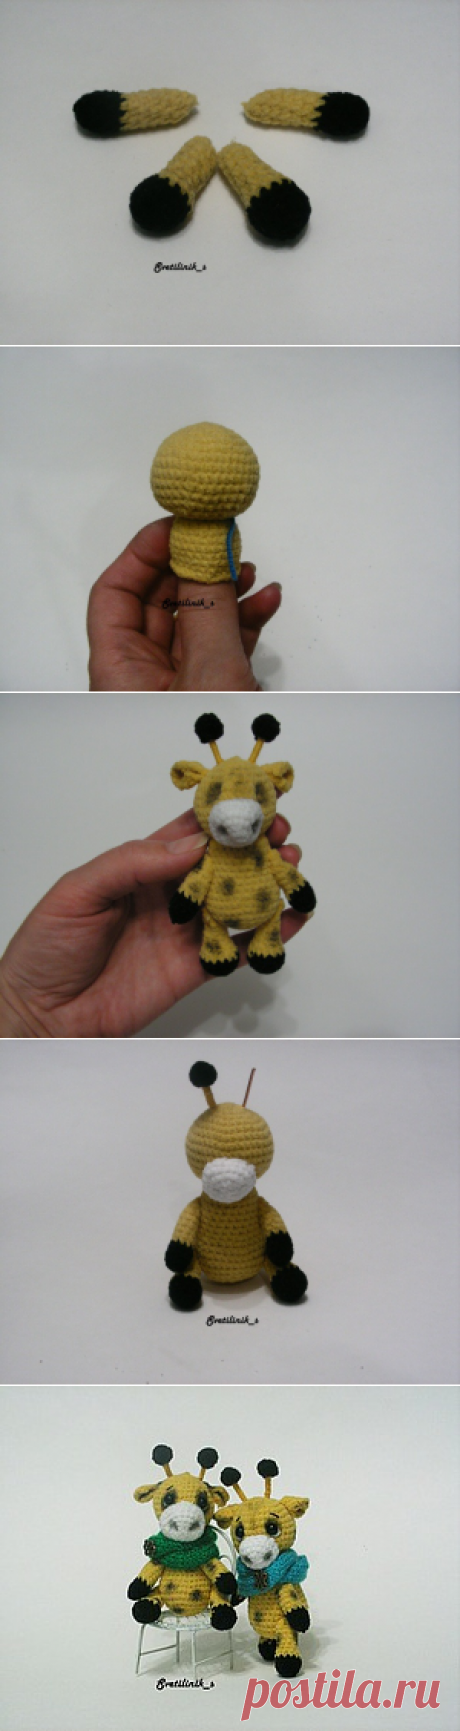 Вяжем мини-жирафиков - Ярмарка Мастеров - ручная работа, handmade